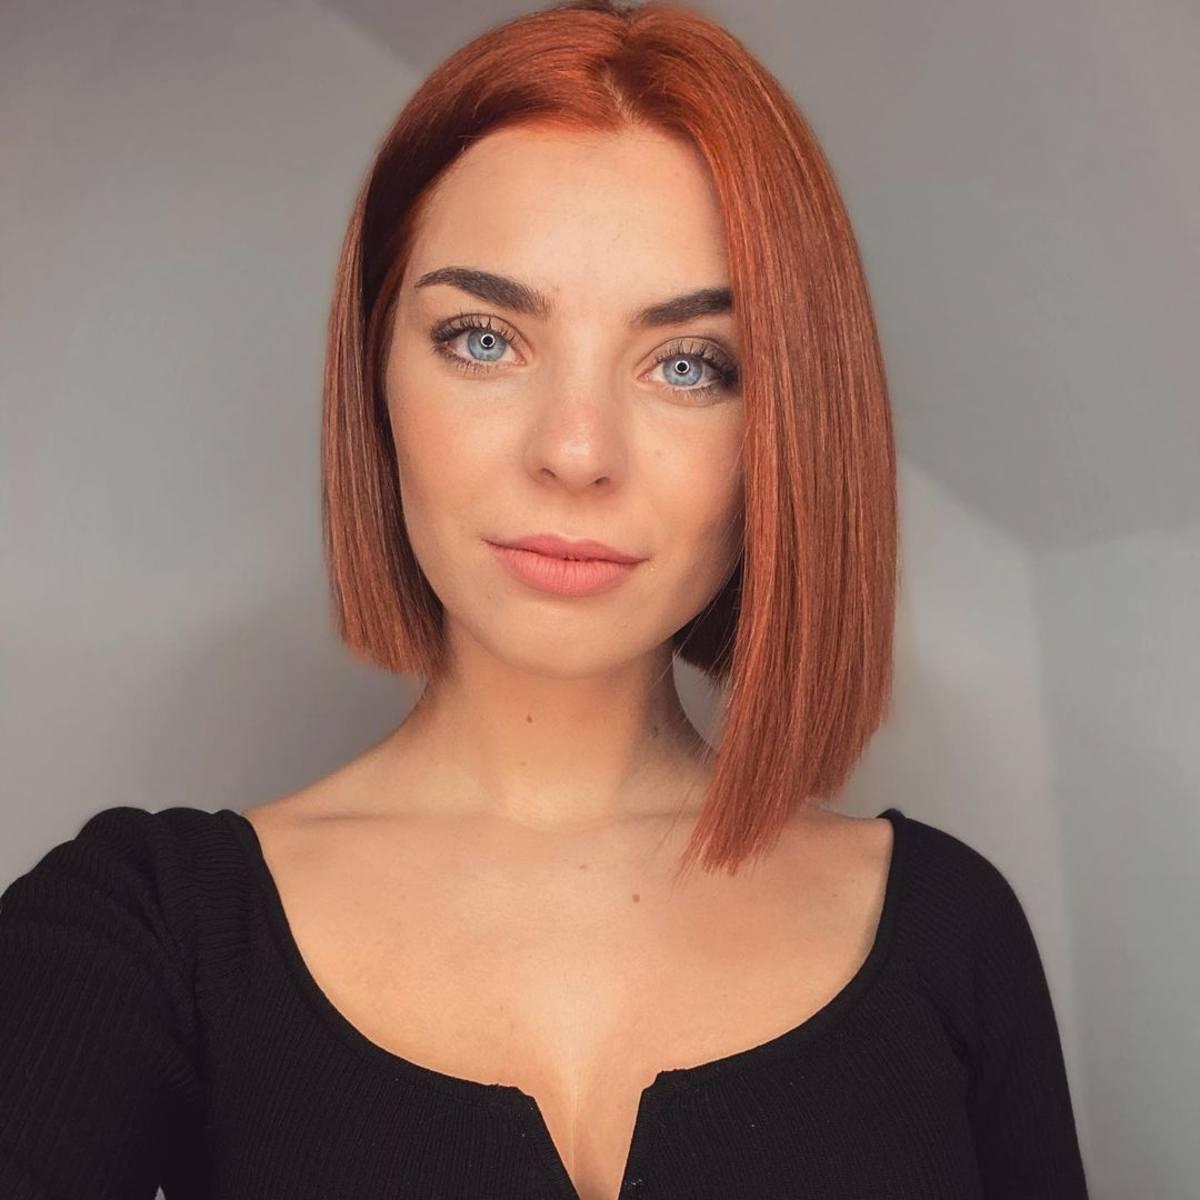 Corte de pelo corto asimétrico bob contundente para cabello lacio